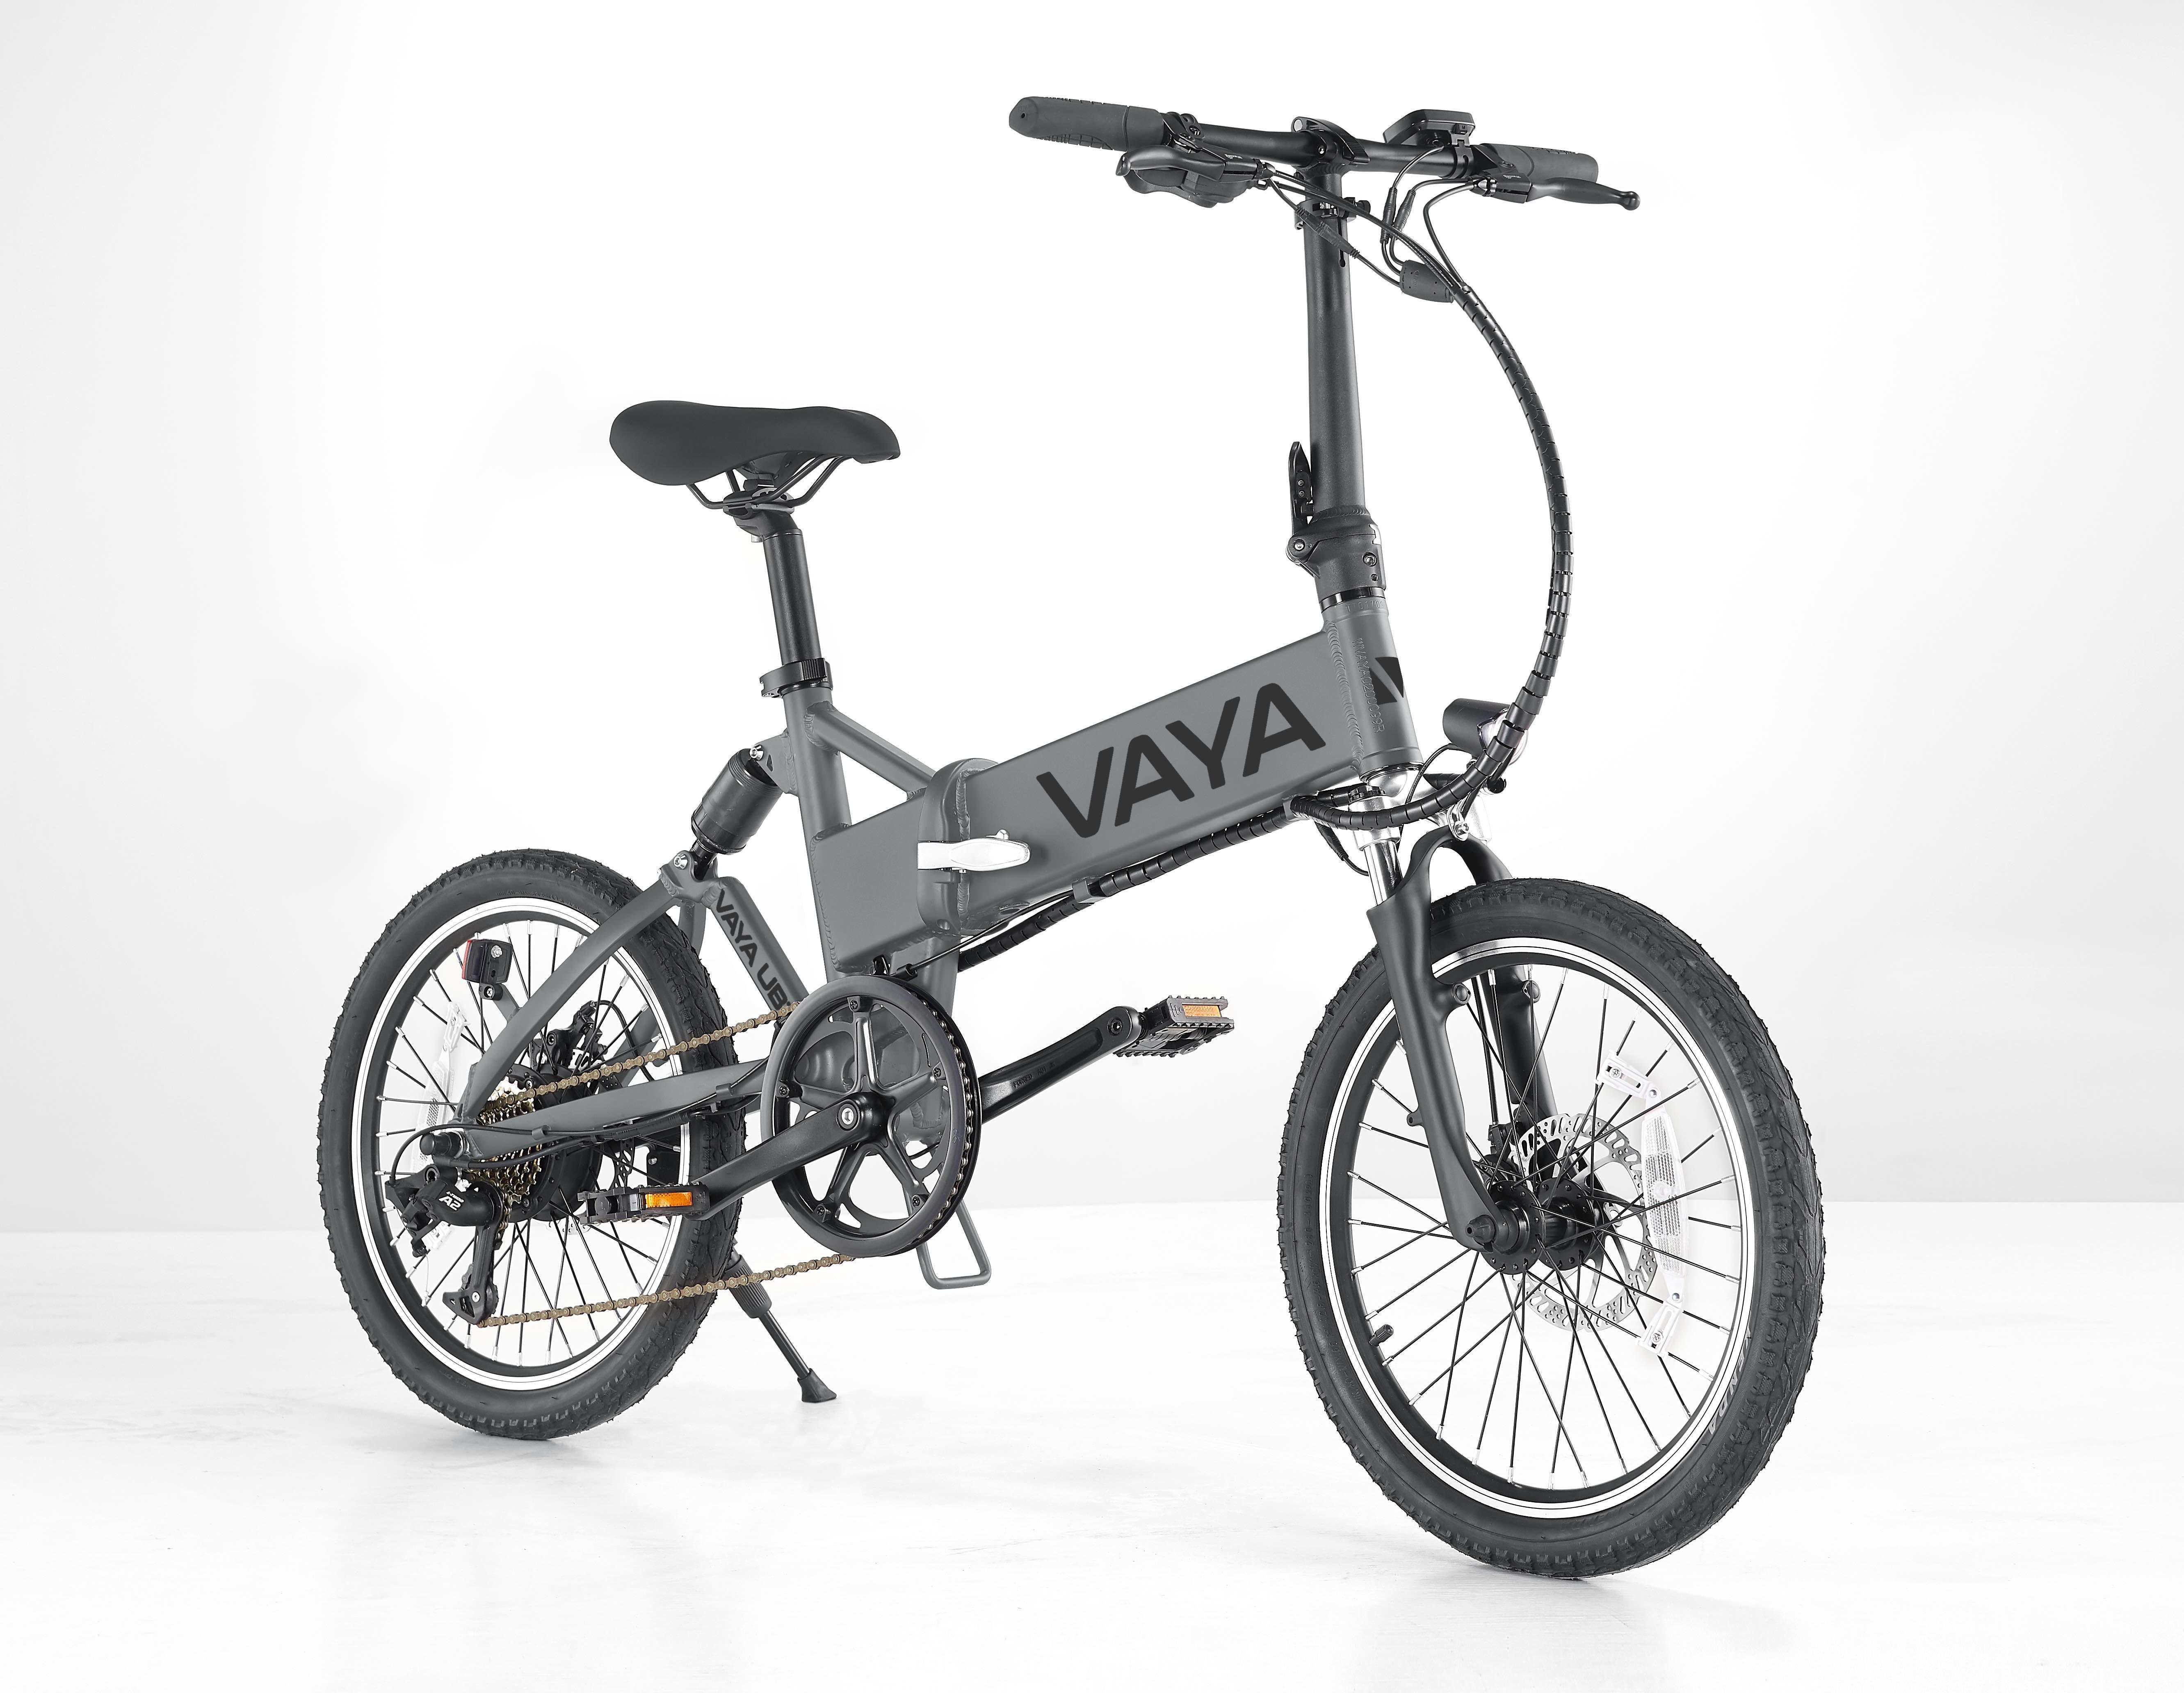 Vaya - Urban E-Bike UB-1 - Electric Bike - Dark Grey (1643DG)